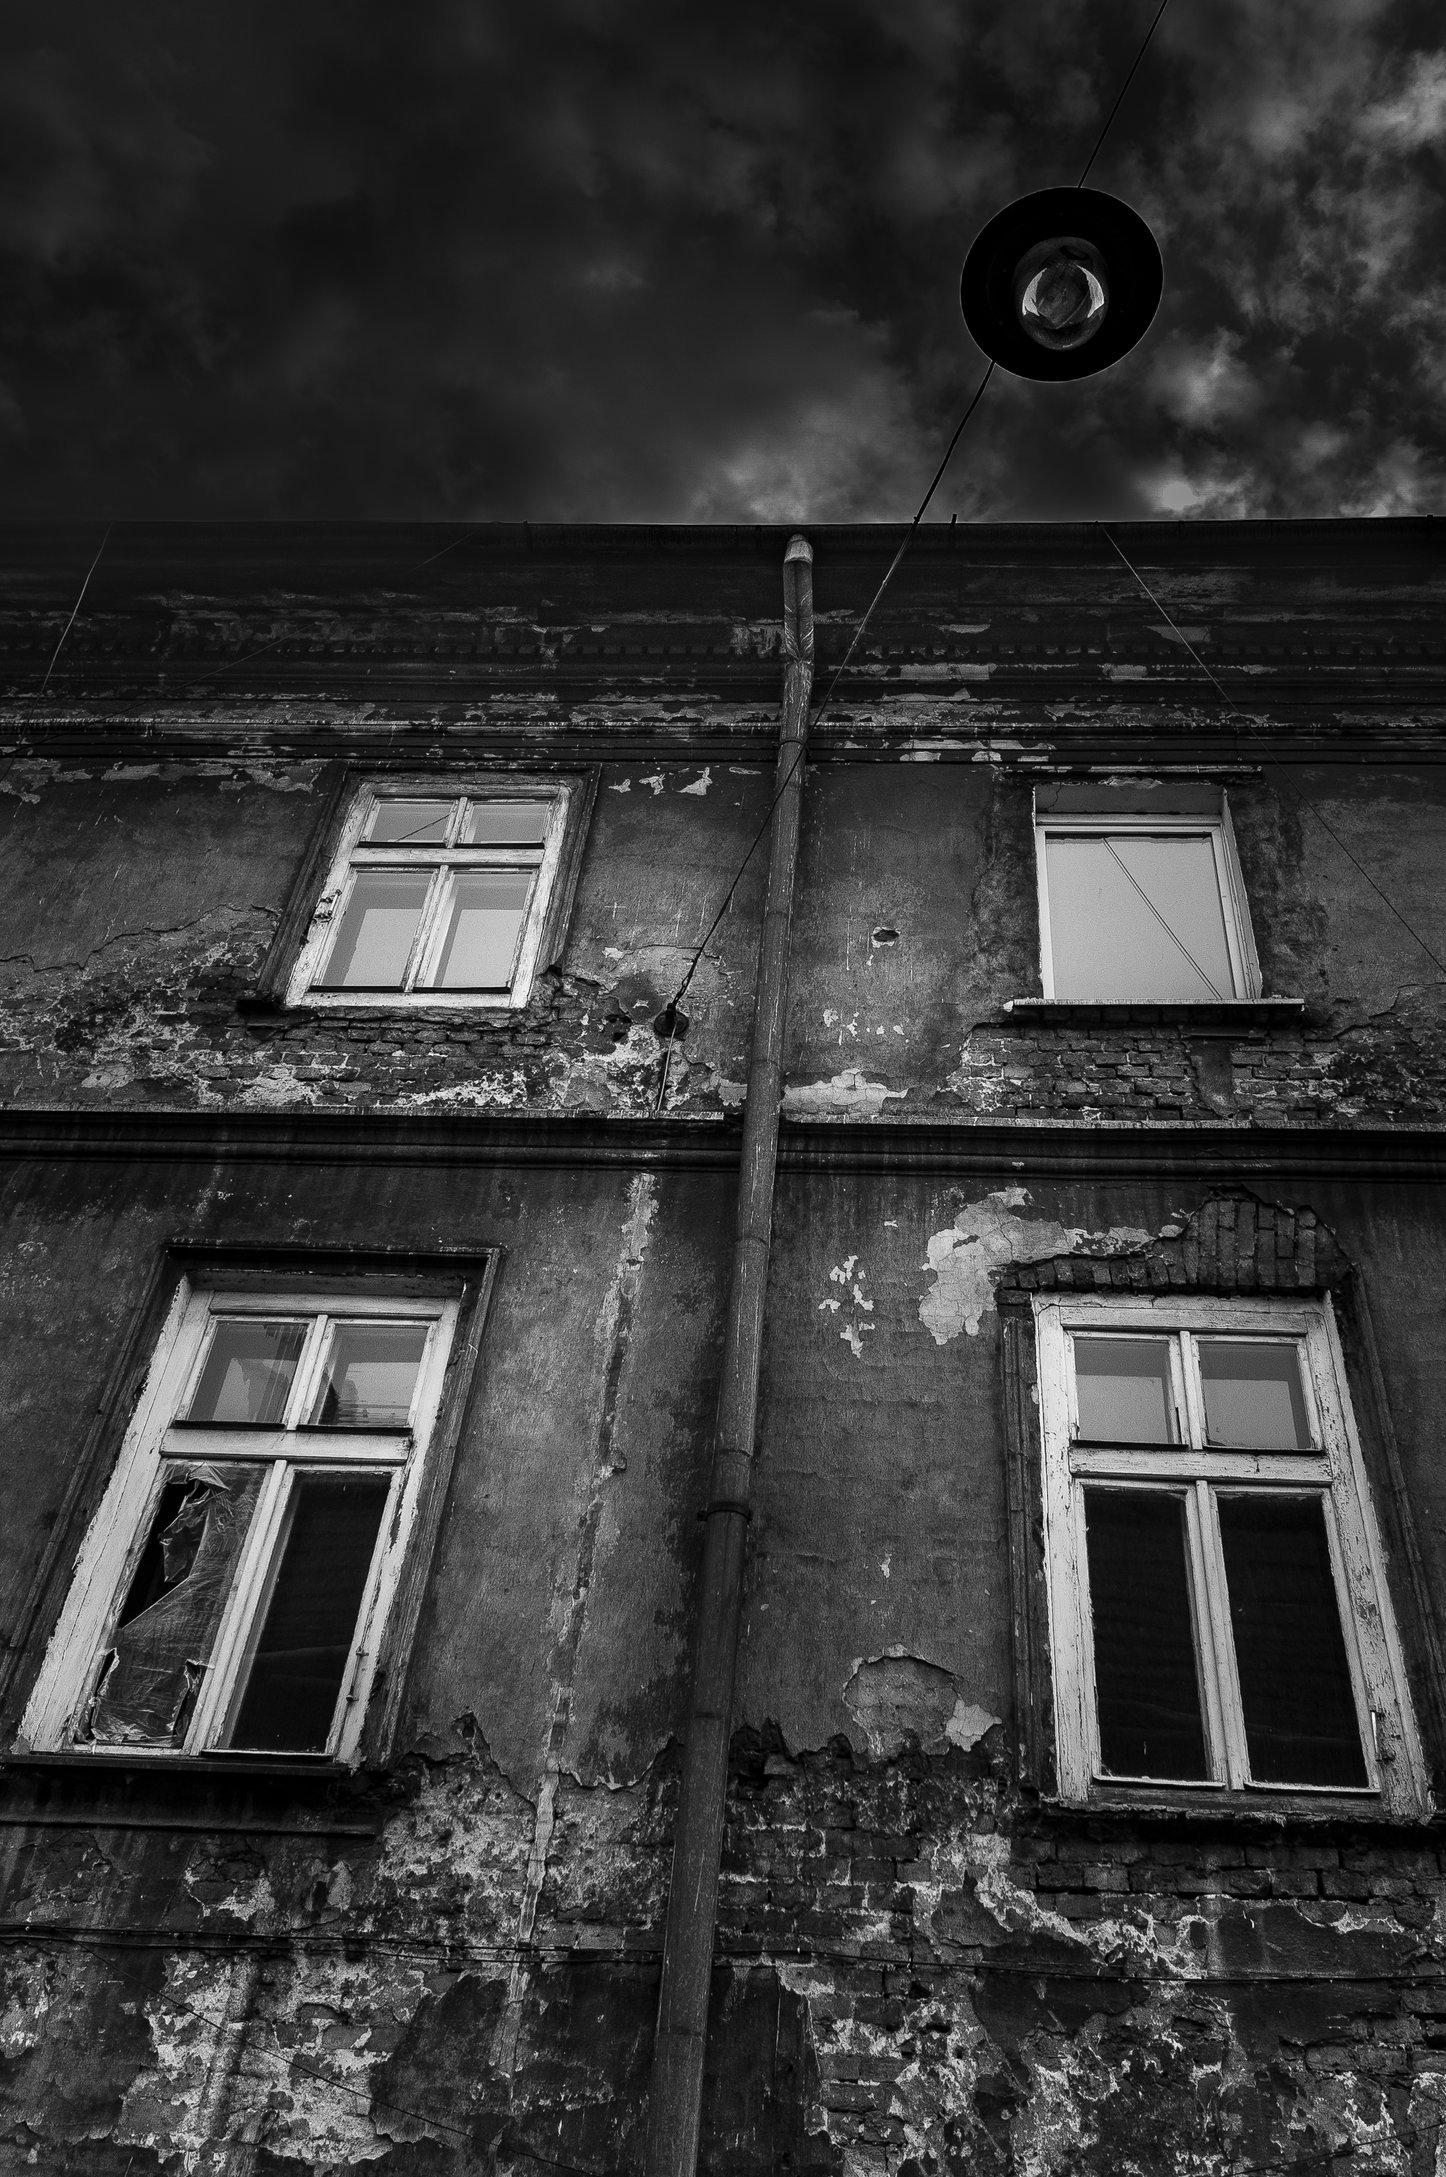 kazimierz-4-MASTER COPY.jpg